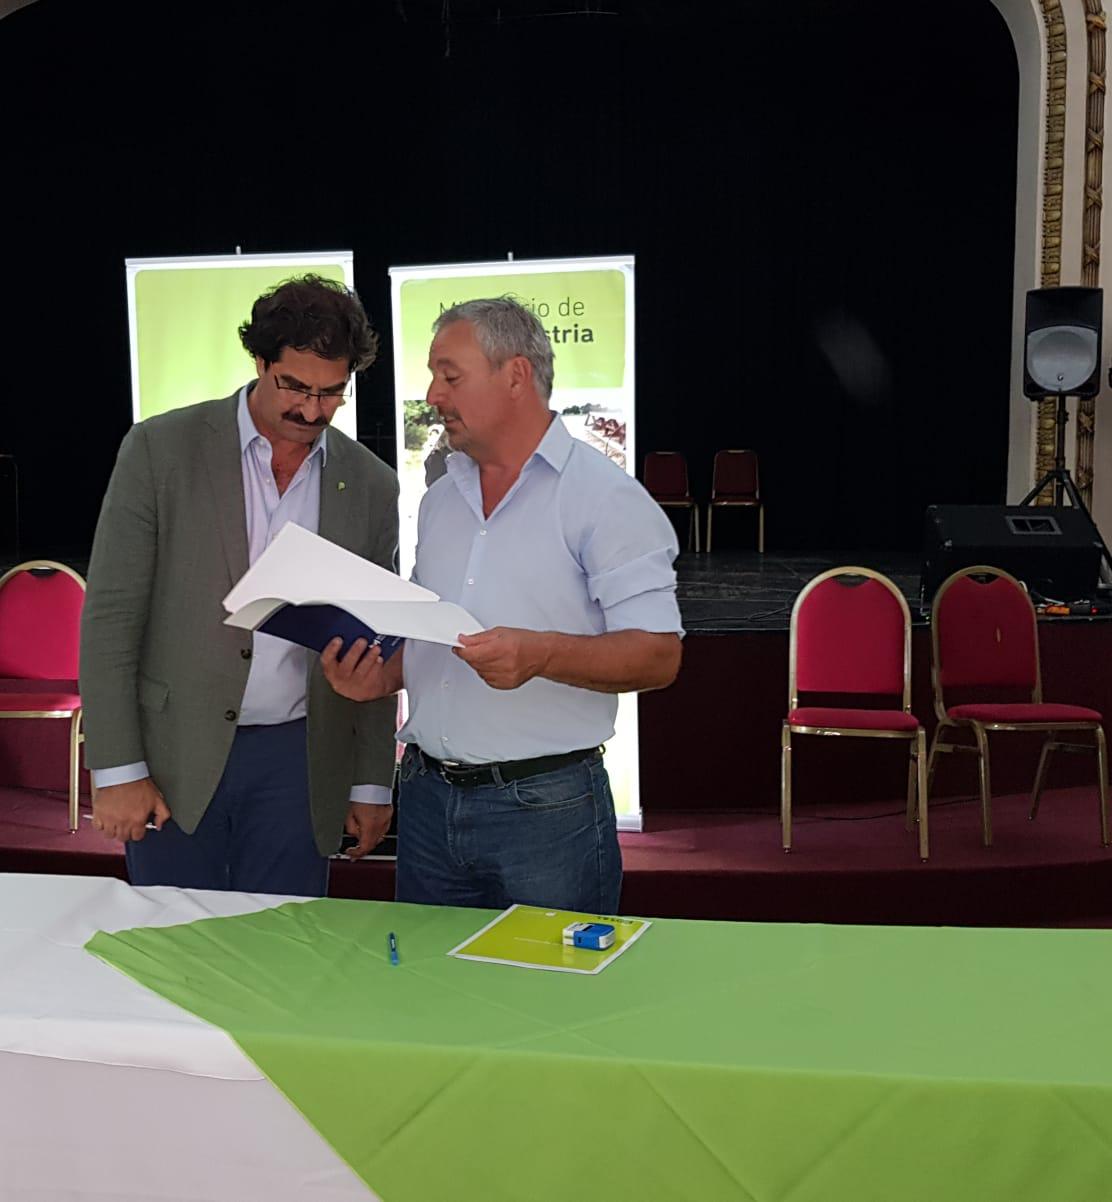 El intendente Claudio Rossi firmó este martes 27 de noviembre el Convenio de Adhesión para la implementación del Documento Único de Traslado (DUT) y su modalidad de autogestión que permitirá a los productores del partido obtener su guía de traslado de vacunos por autogestión, en forma eficiente, con menos costo y más facilidad.